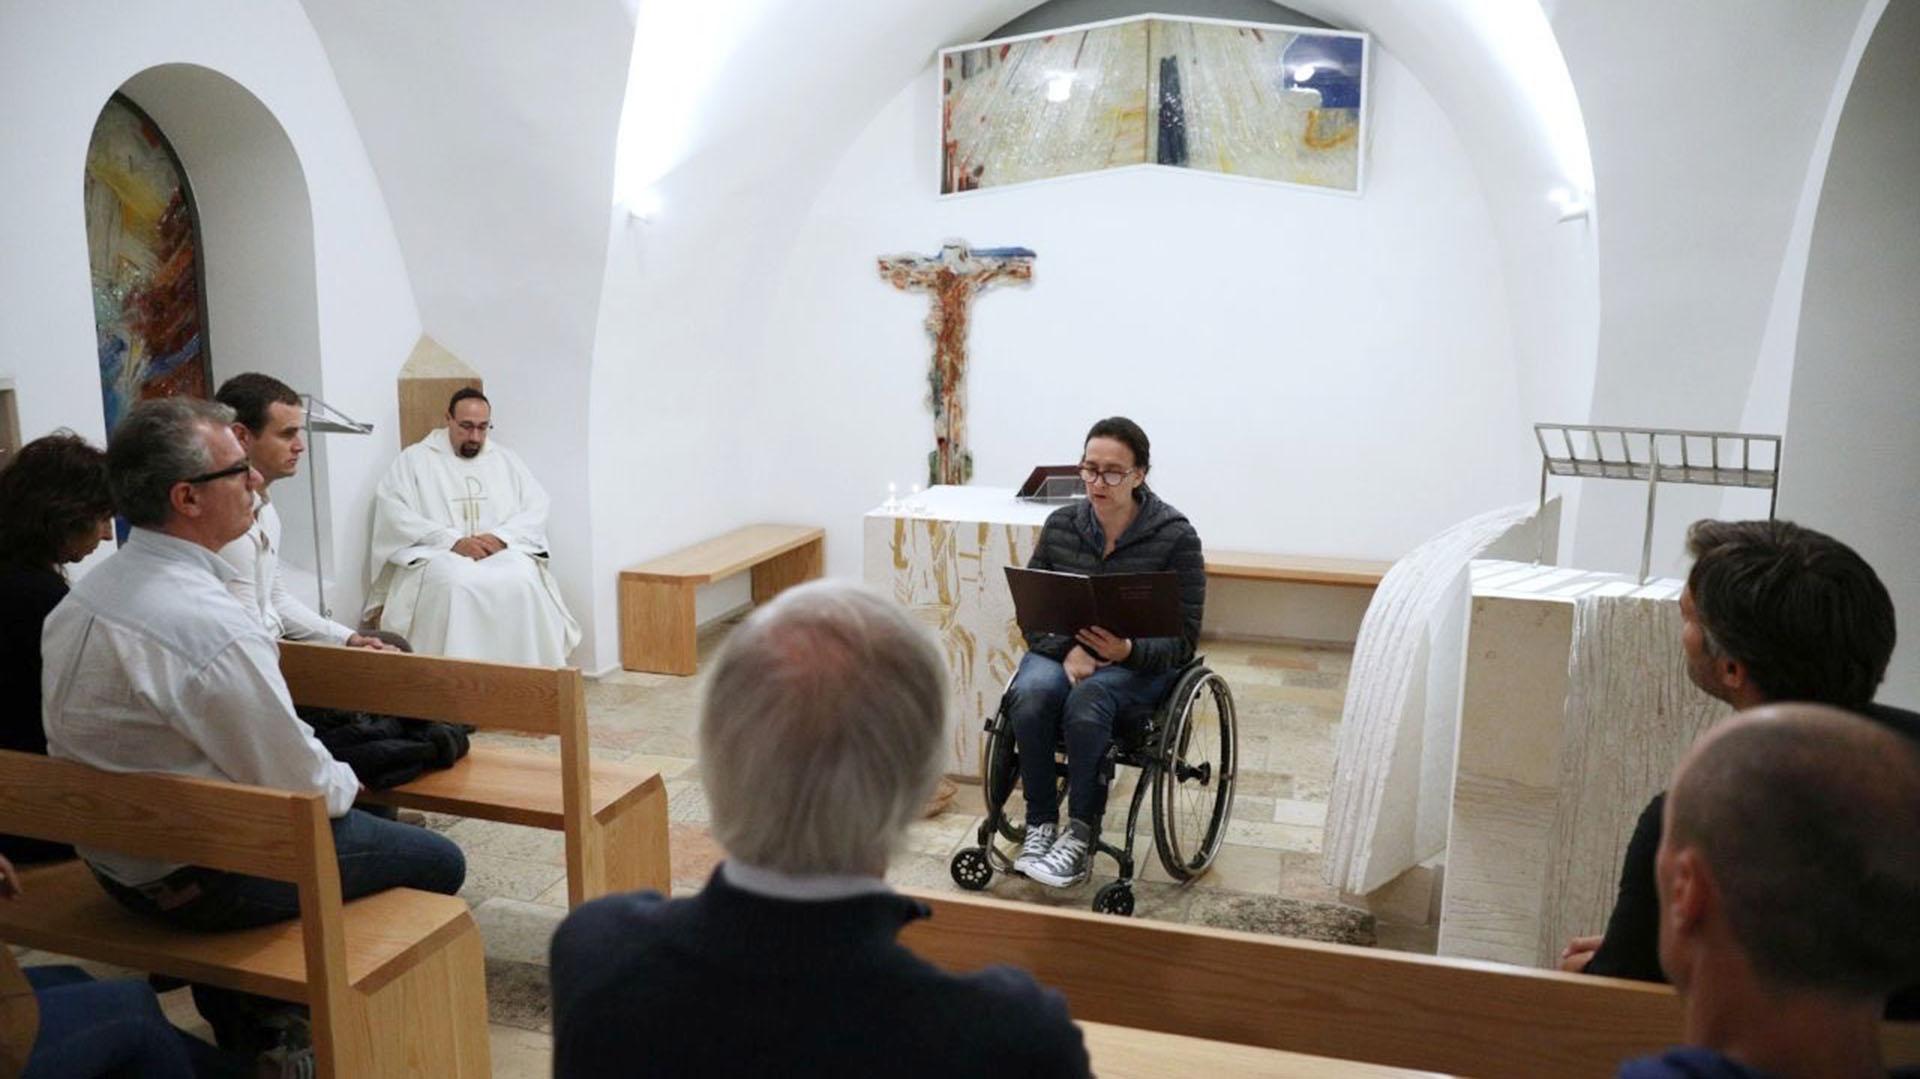 Michetti leyendo la primera lectura en una misa que se realizó en el Santuario del Cenaculino